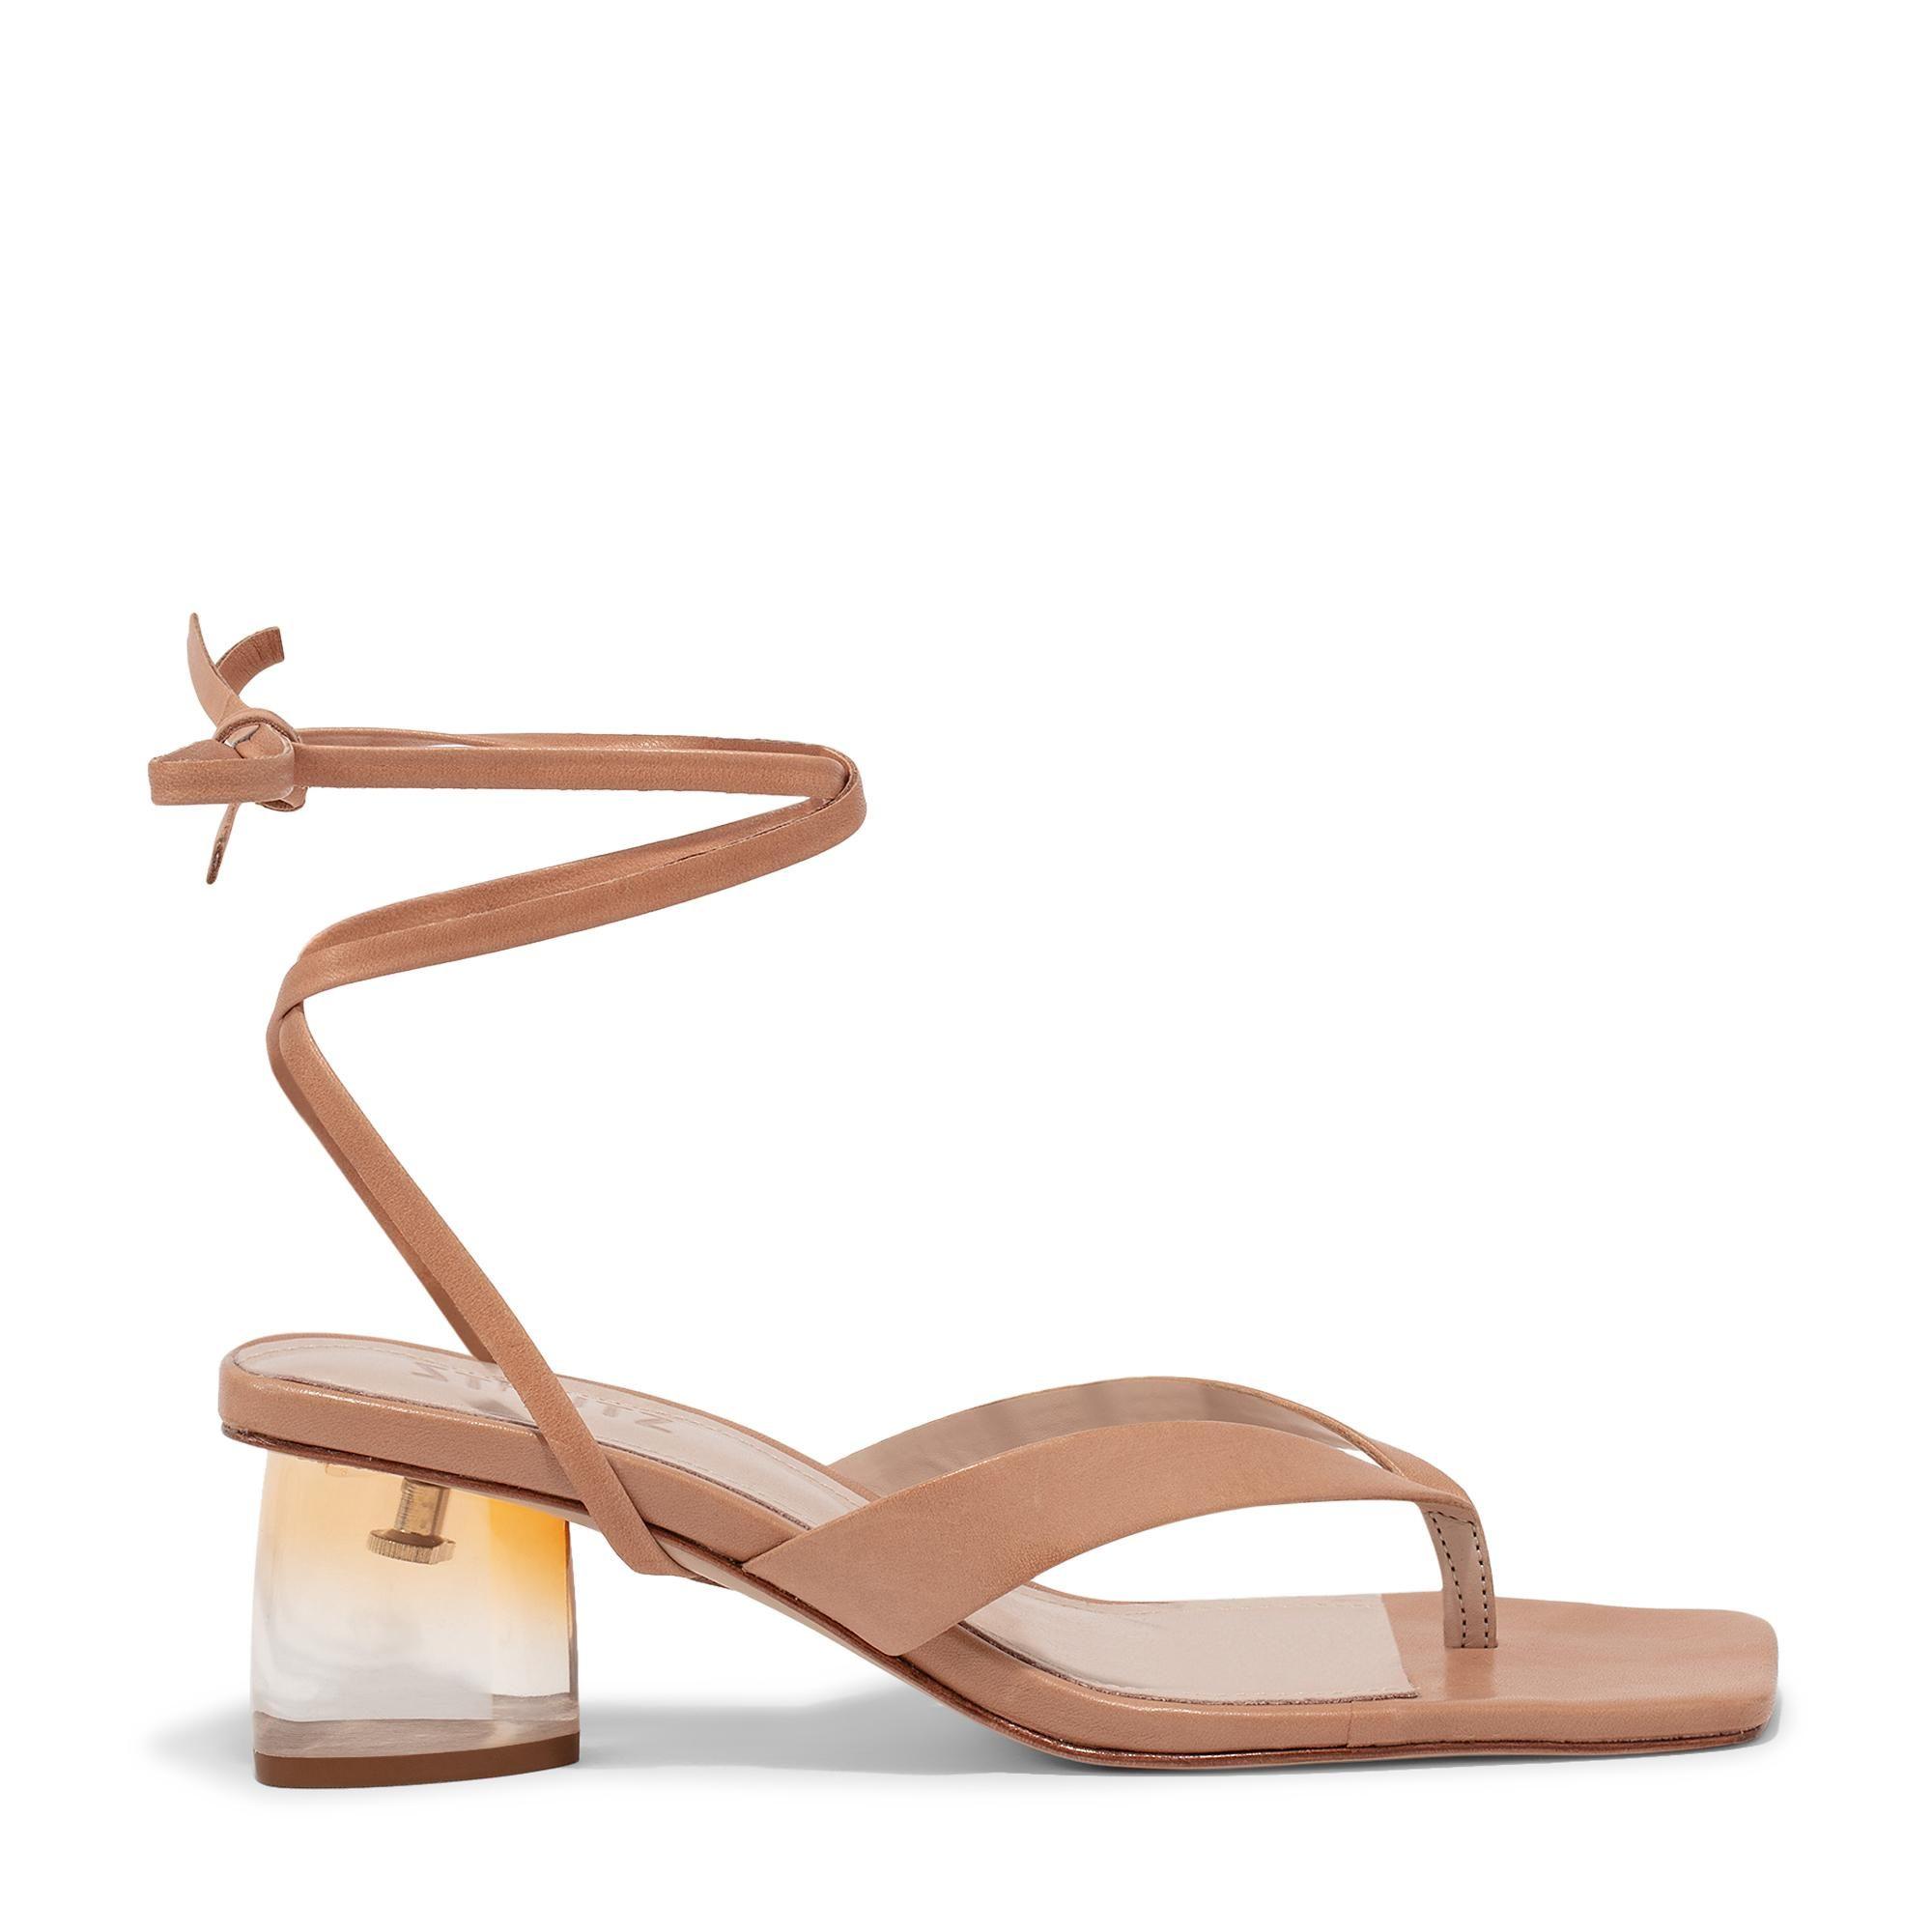 Melyna sandals